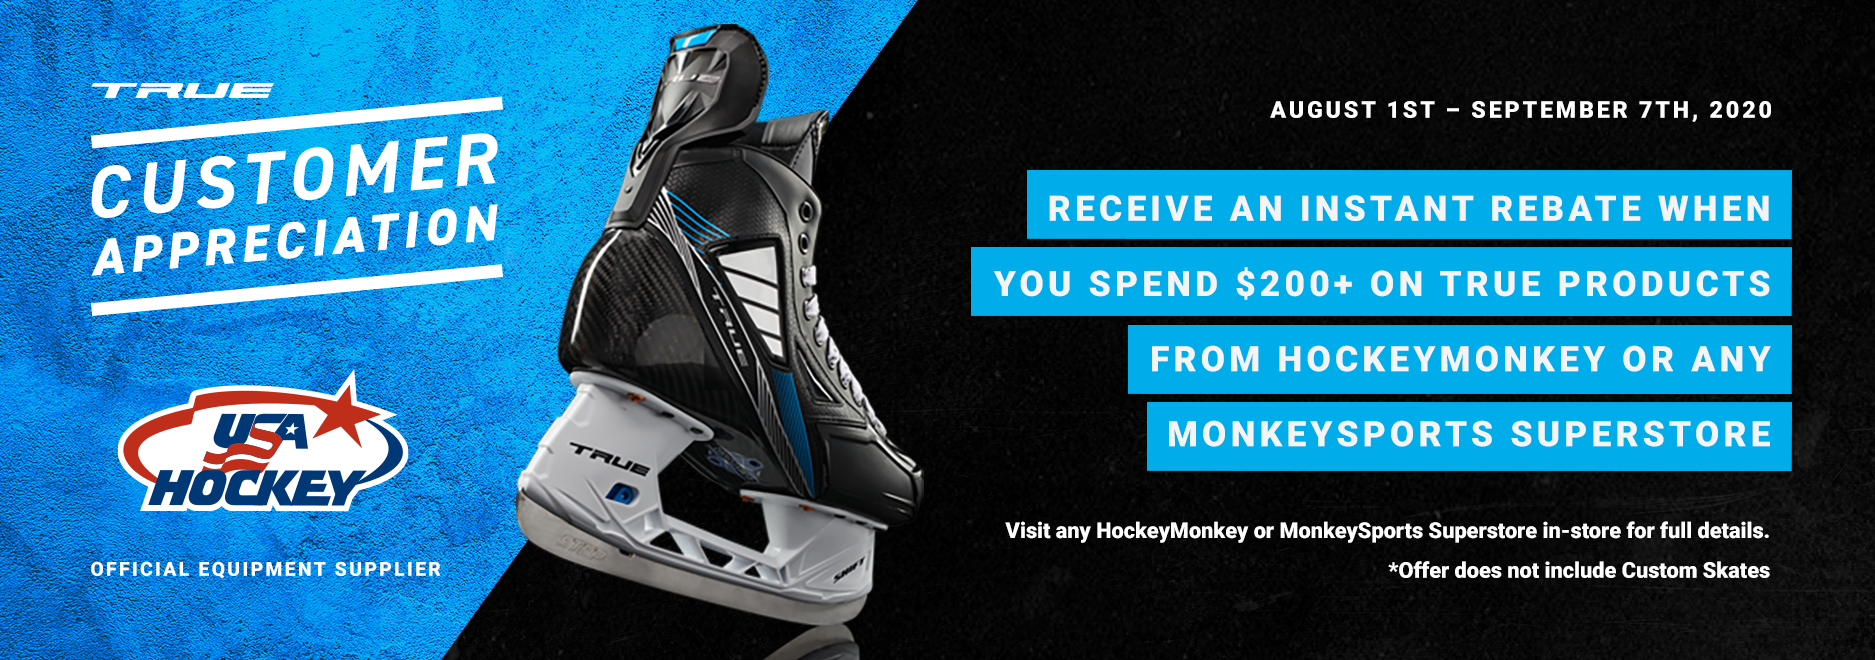 True Hockey Customer Appreciation Savings